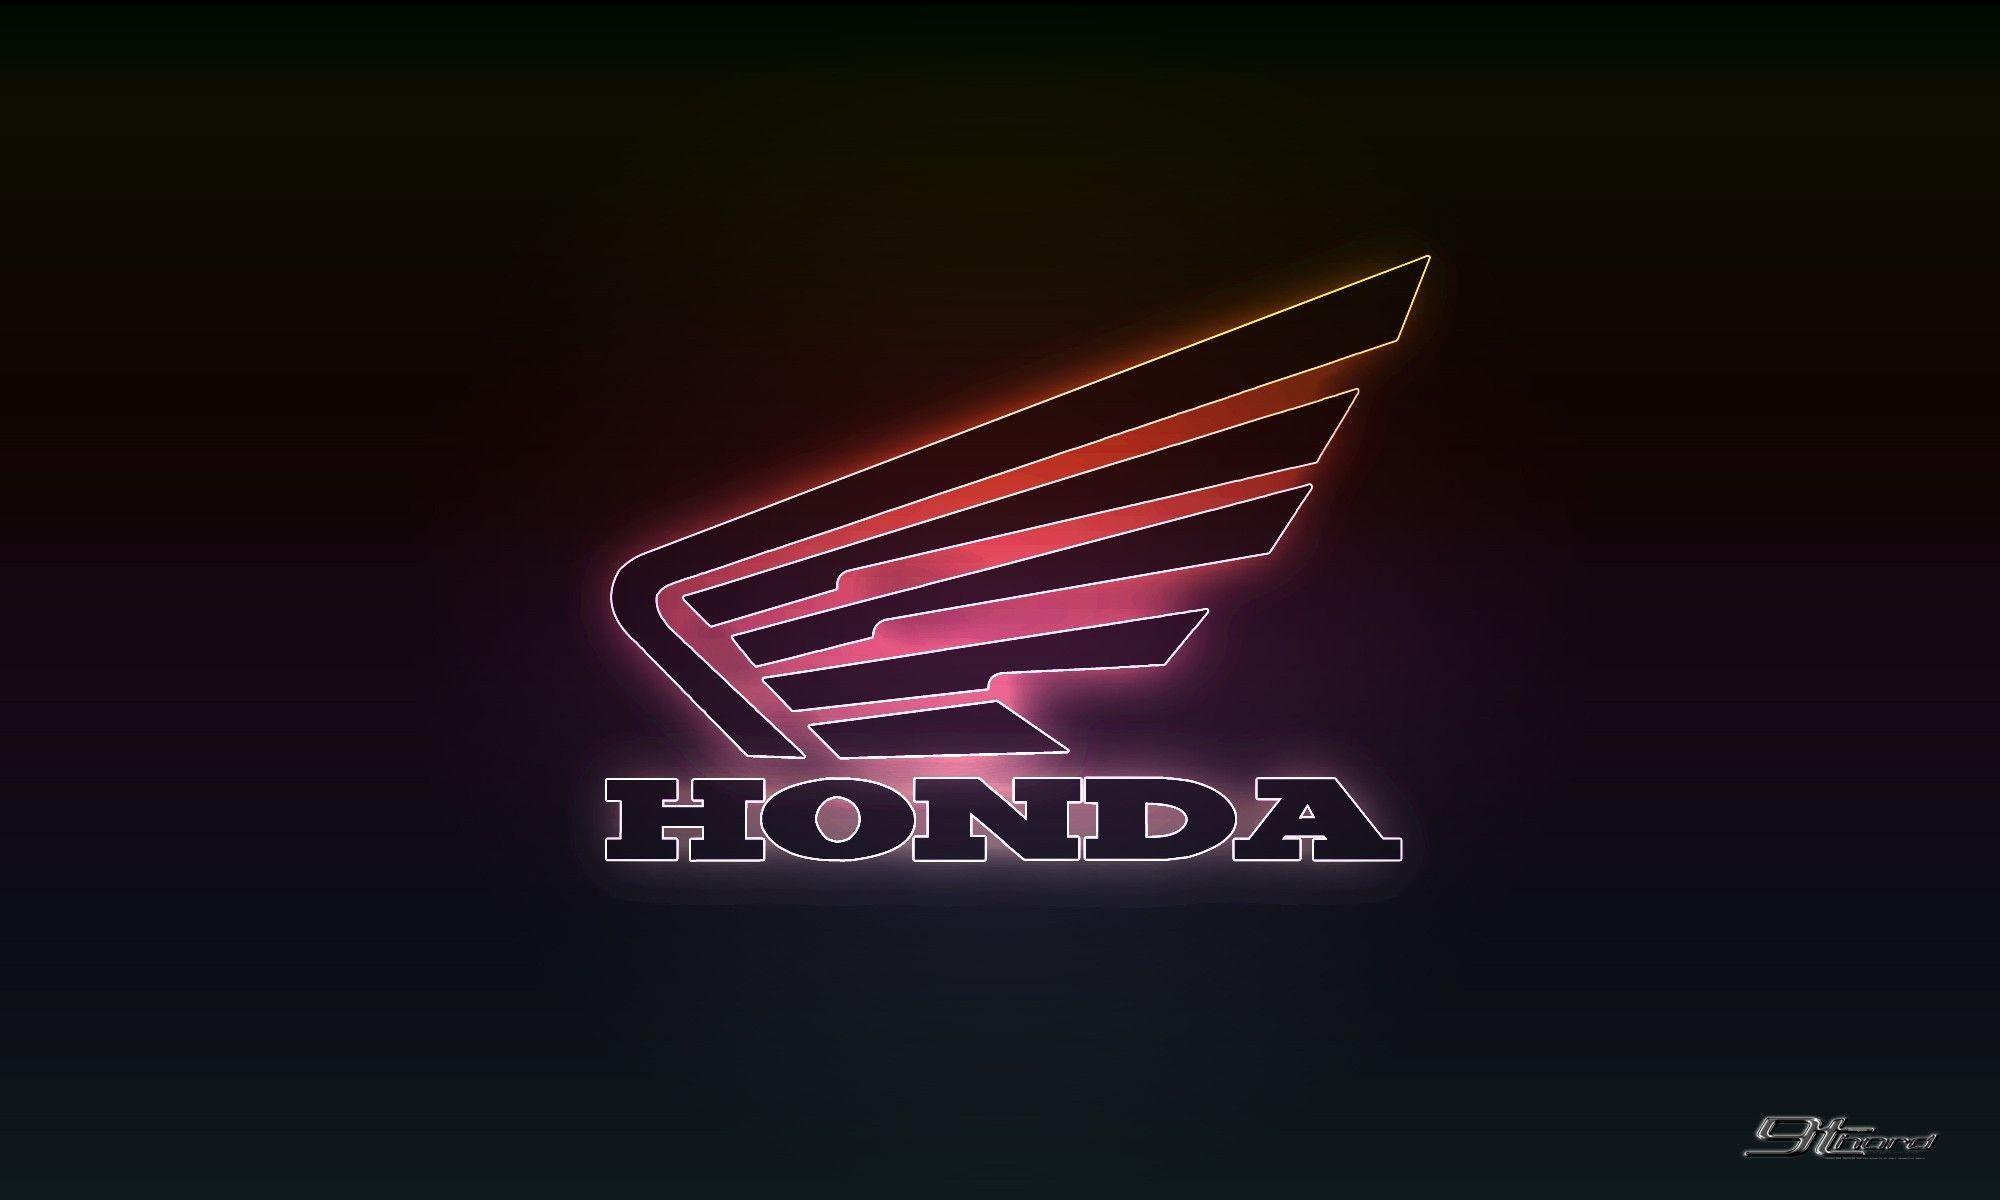 Honda Logo Wallpapers Full Download Honda Logo Ios Wallpapers Logo Wallpaper Hd